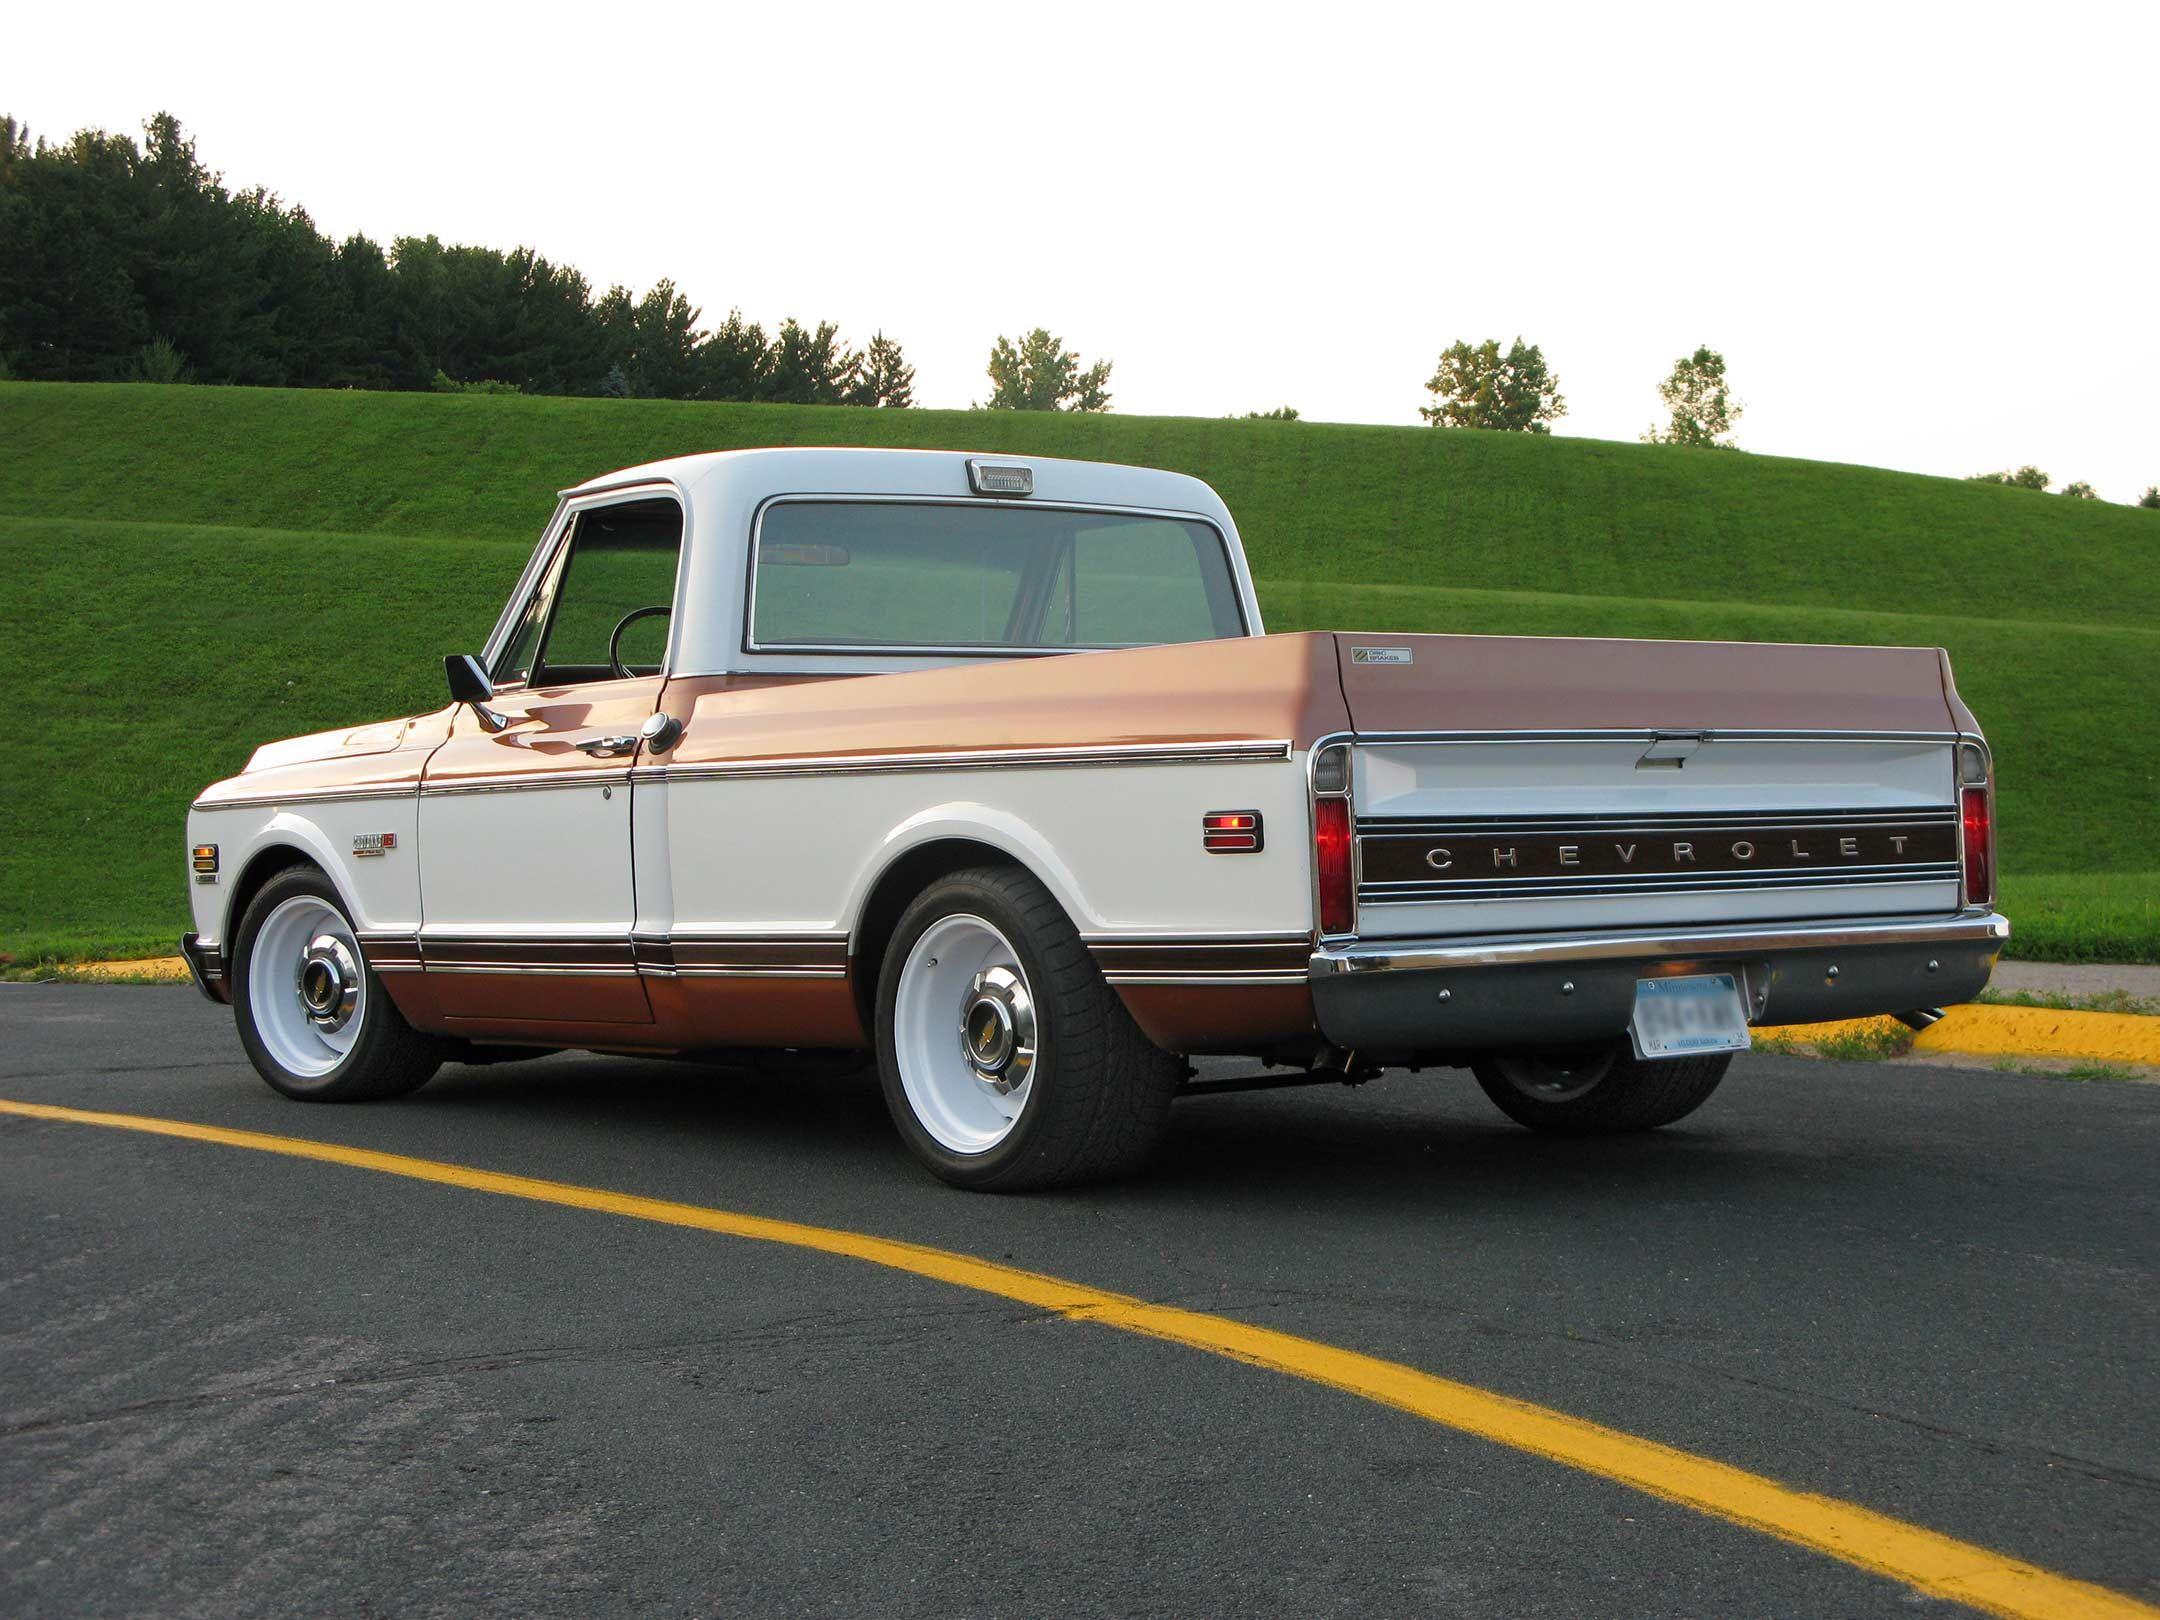 Chevy super truck